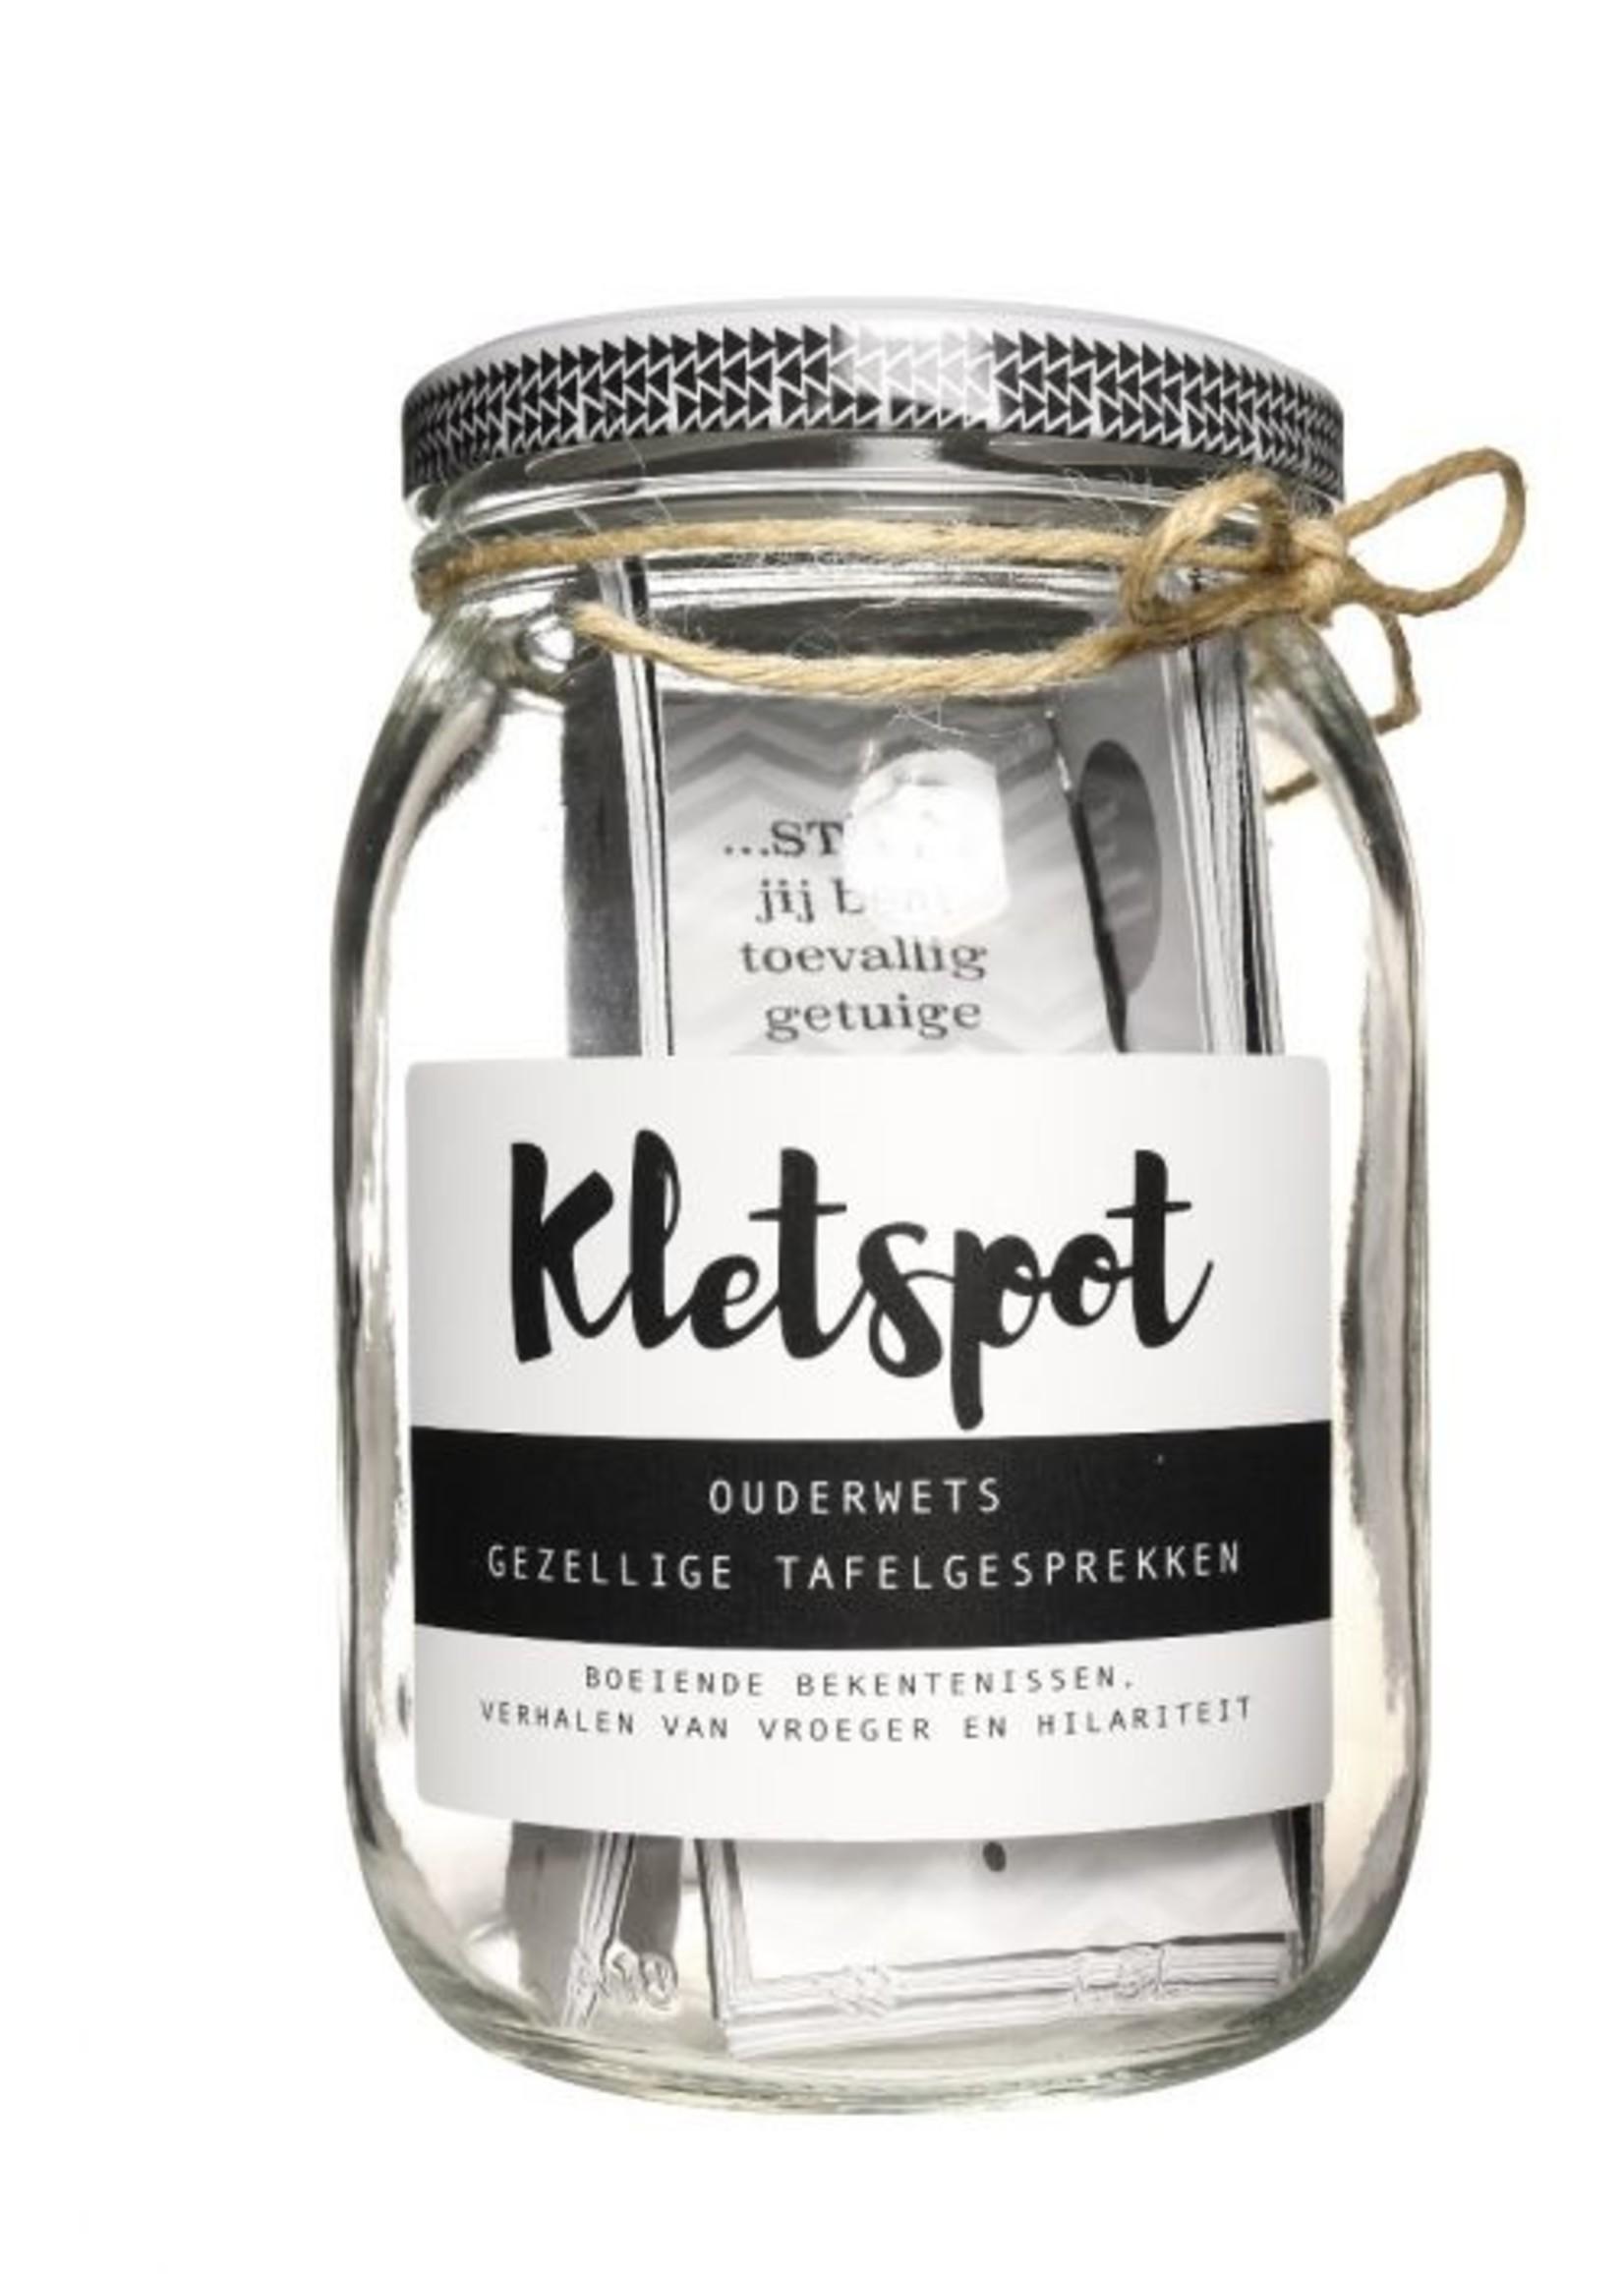 Kletspot De originele Kletspot